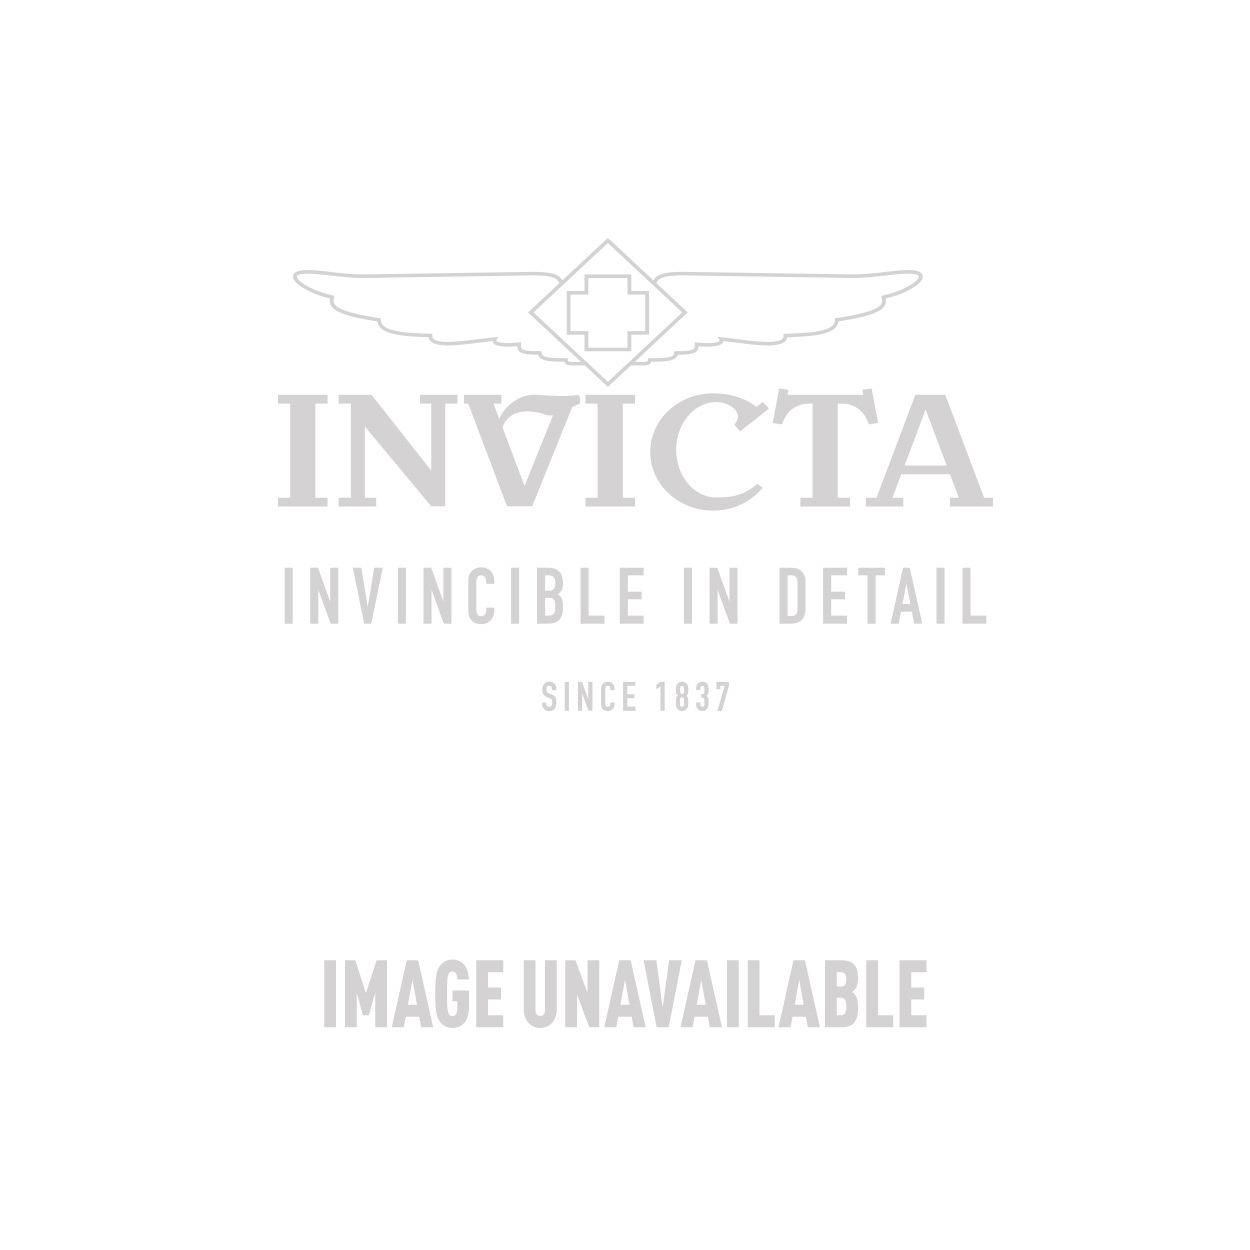 Invicta Model  26121